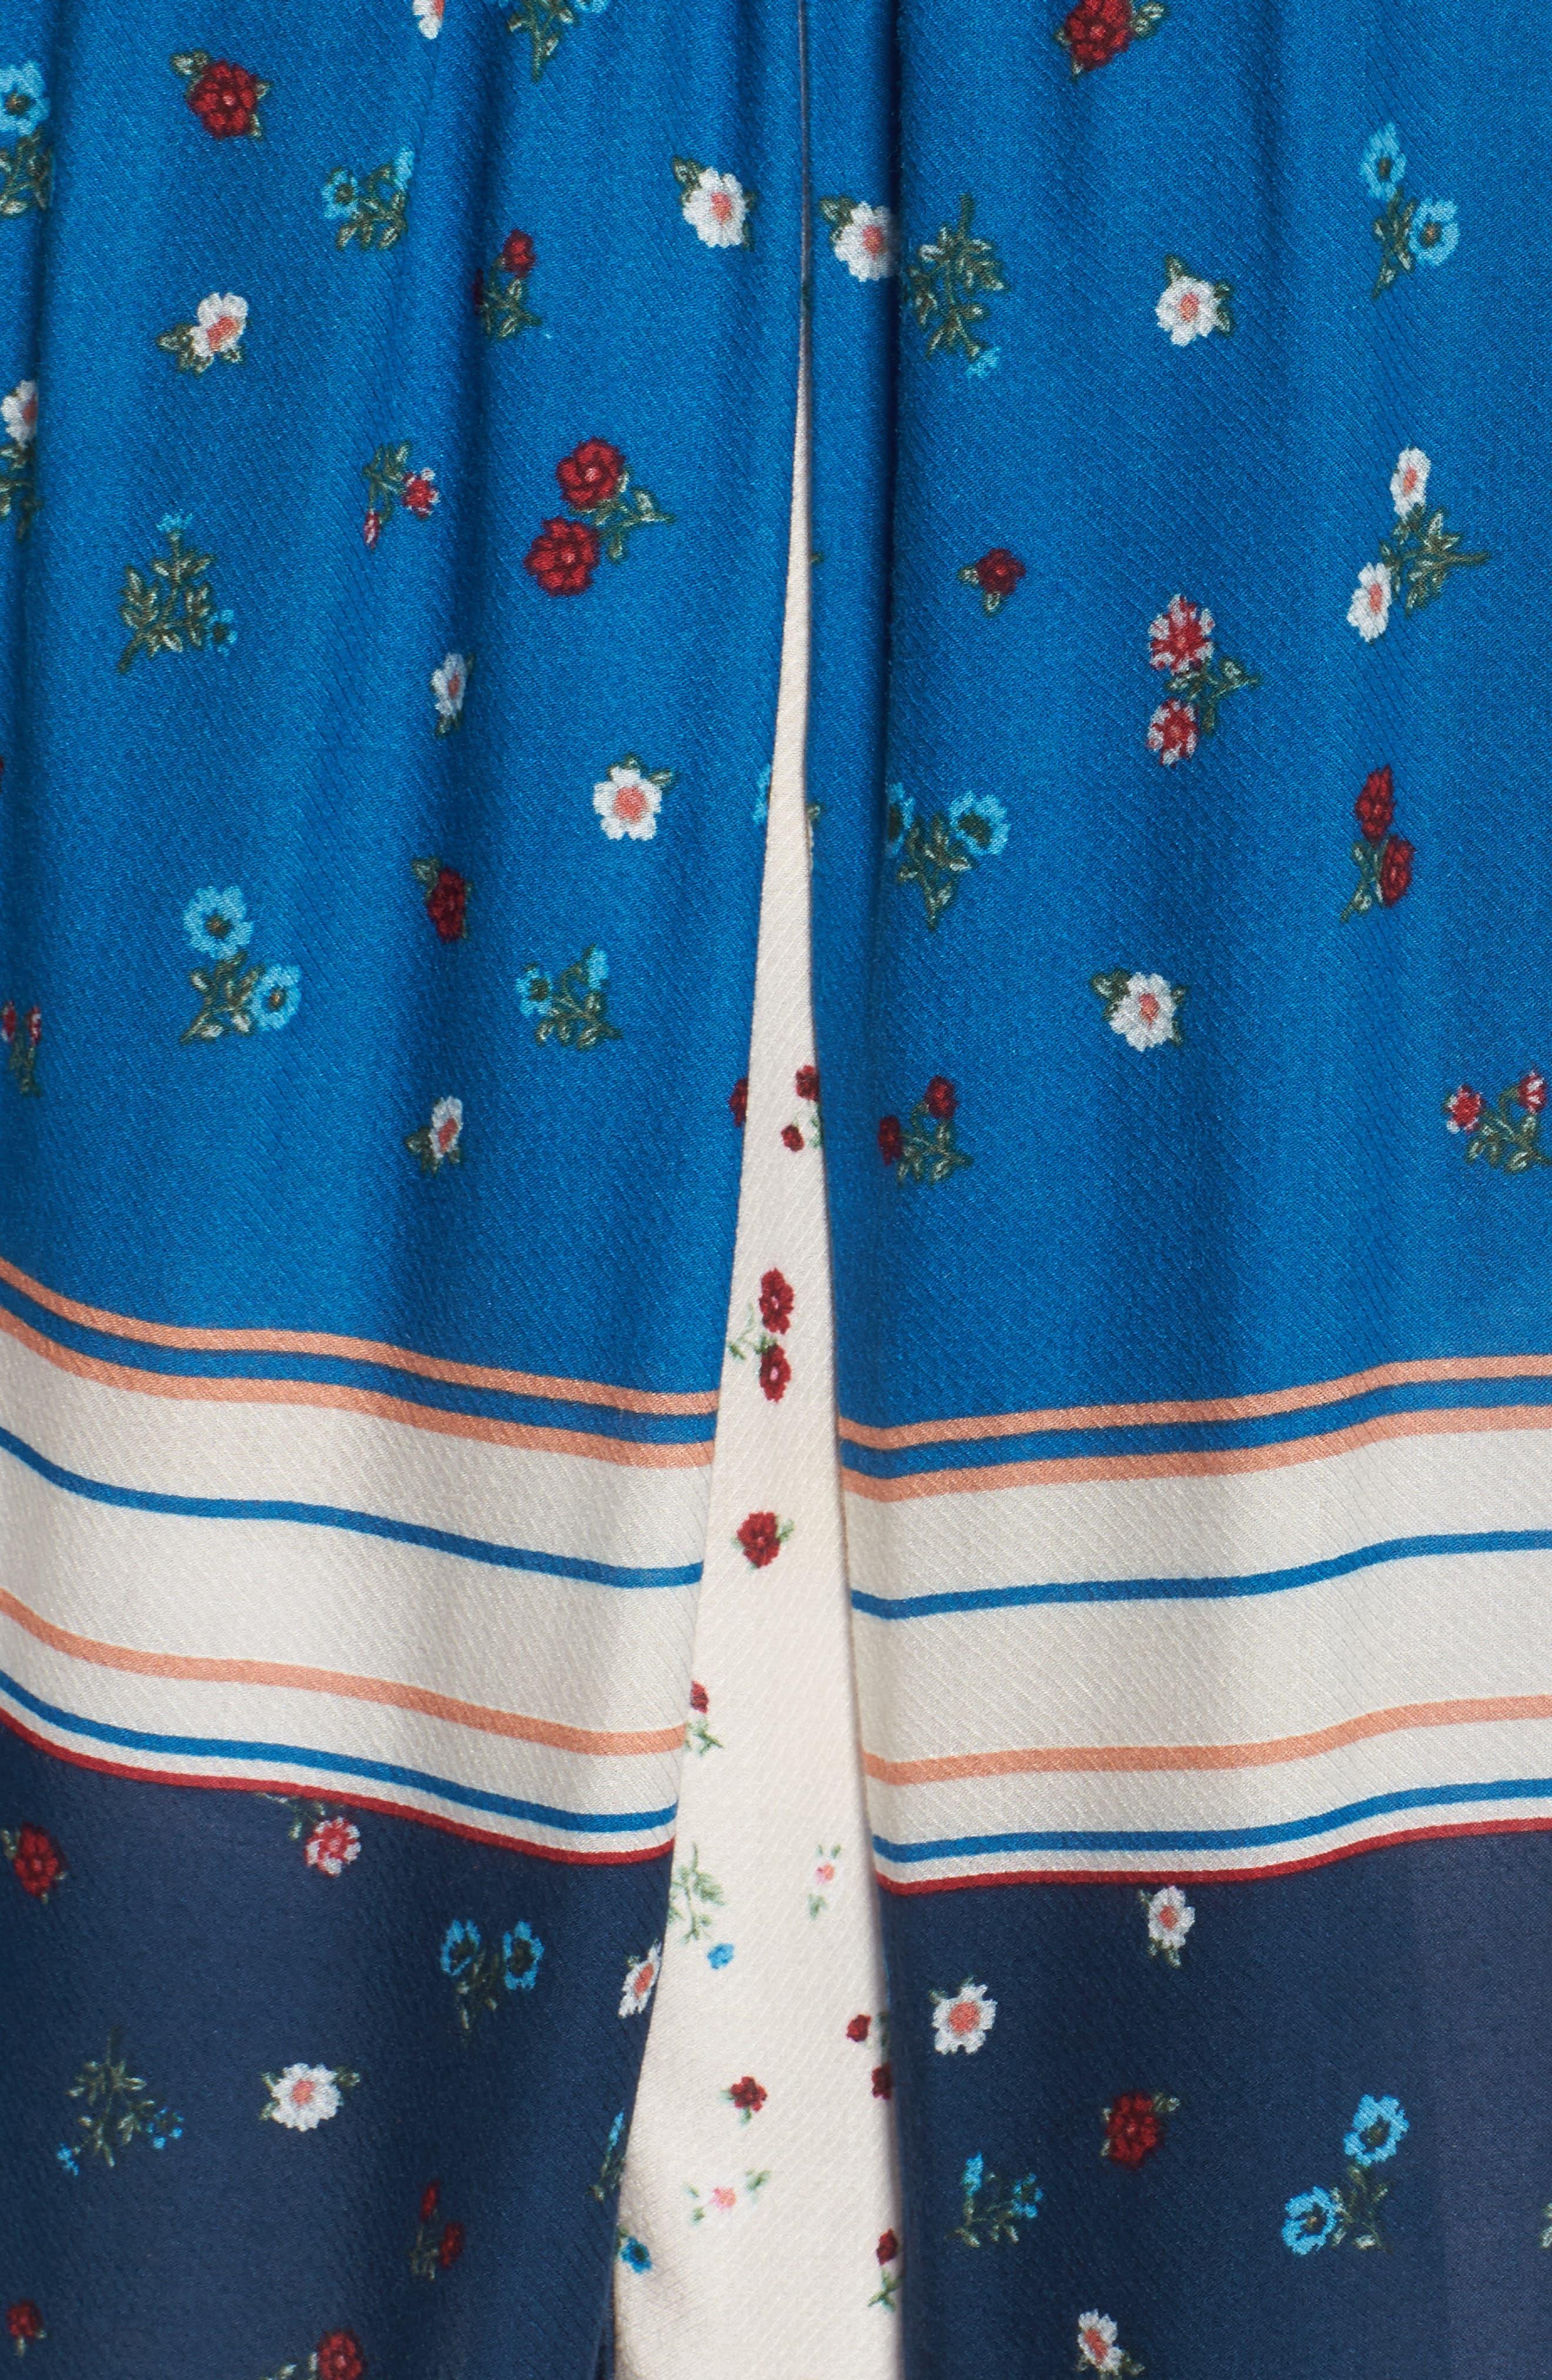 Pleat Cold Shoulder Top,                             Alternate thumbnail 5, color,                             Celestial Blue